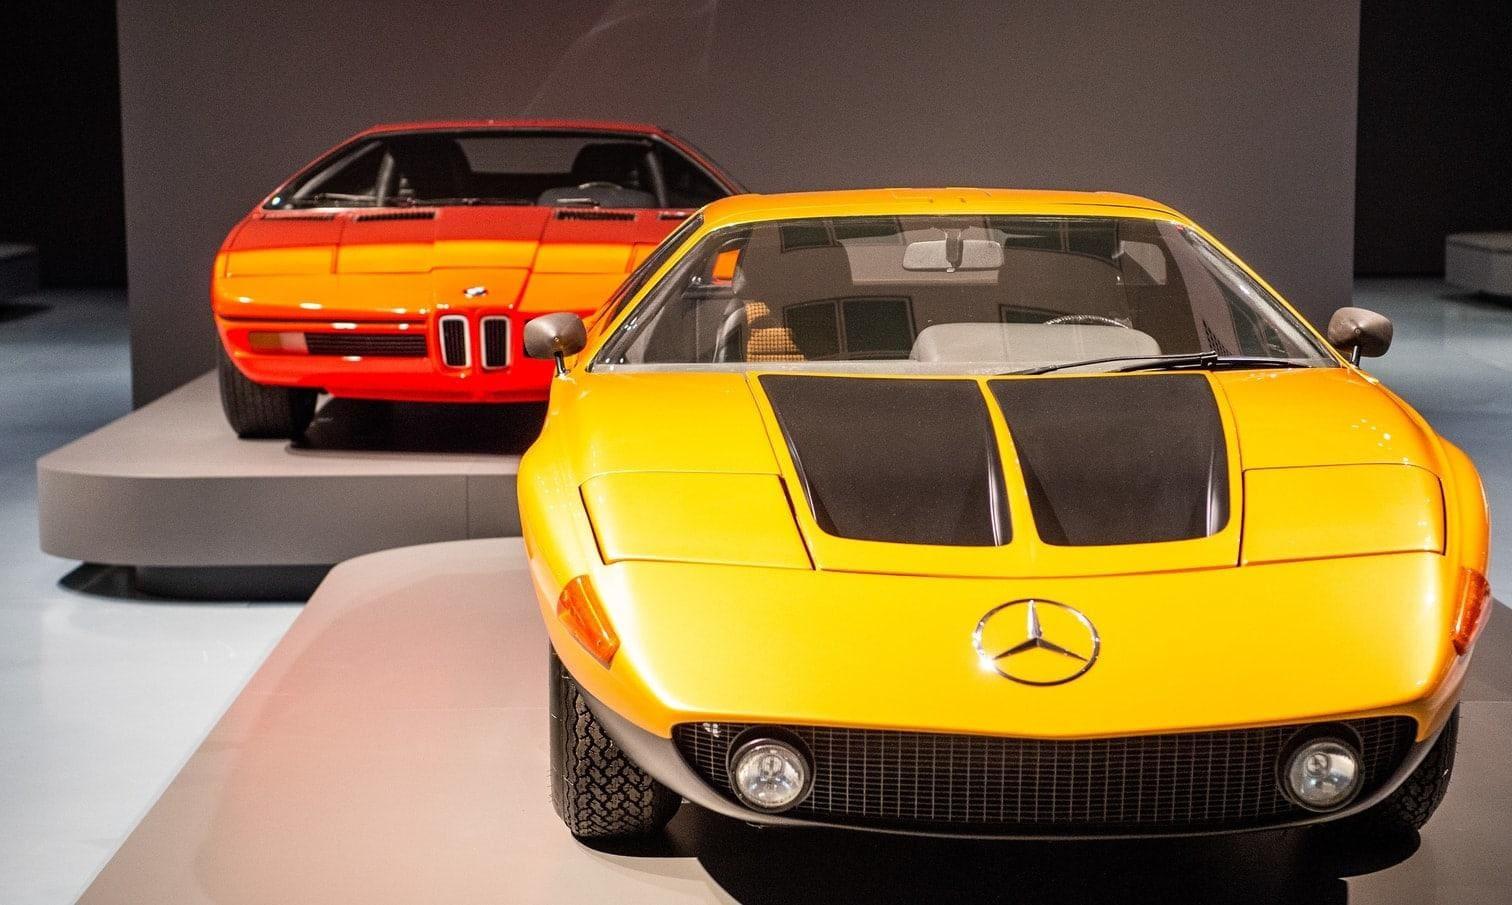 <p>Nach Kunstpalast-Angaben ist die Ausstellung die erste Überblicksschau zu Automobilen in einem Kunstmuseum in Europa.</p> Foto: Christophe Gateau / dpa